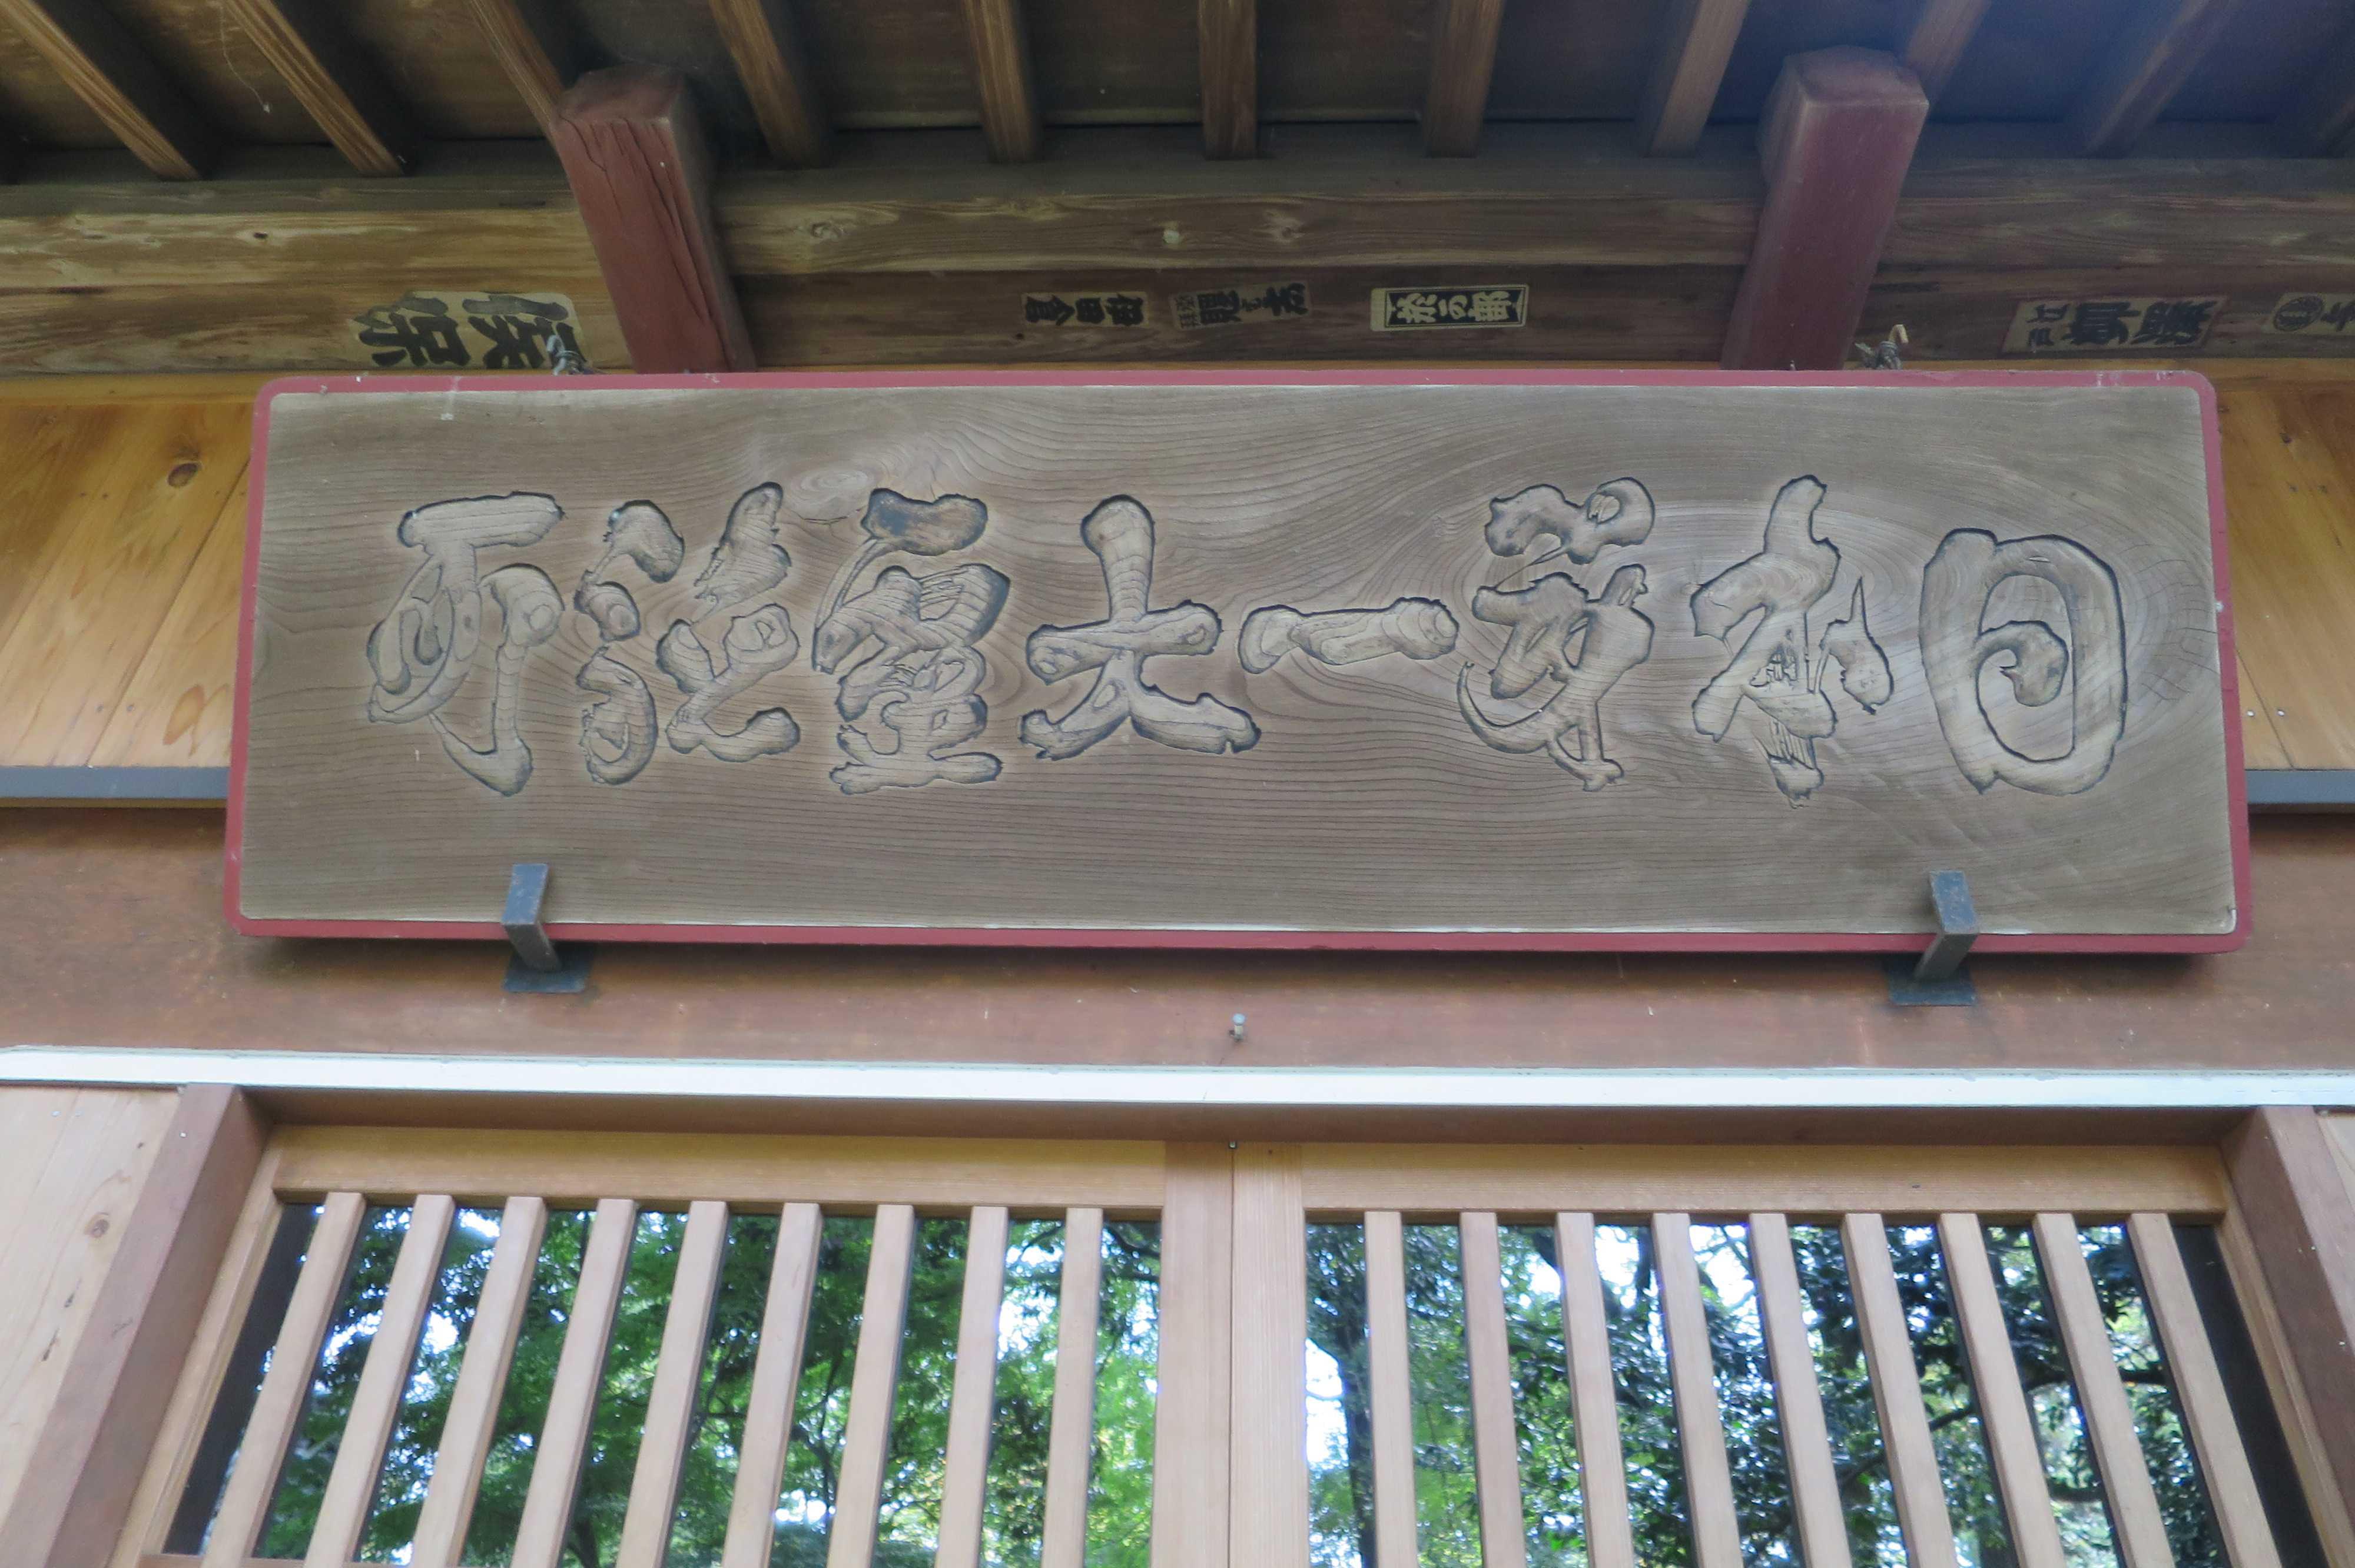 無量光寺 - 熊野権現社(オクマンサマ)の「日本第一大霊験所」の扁額